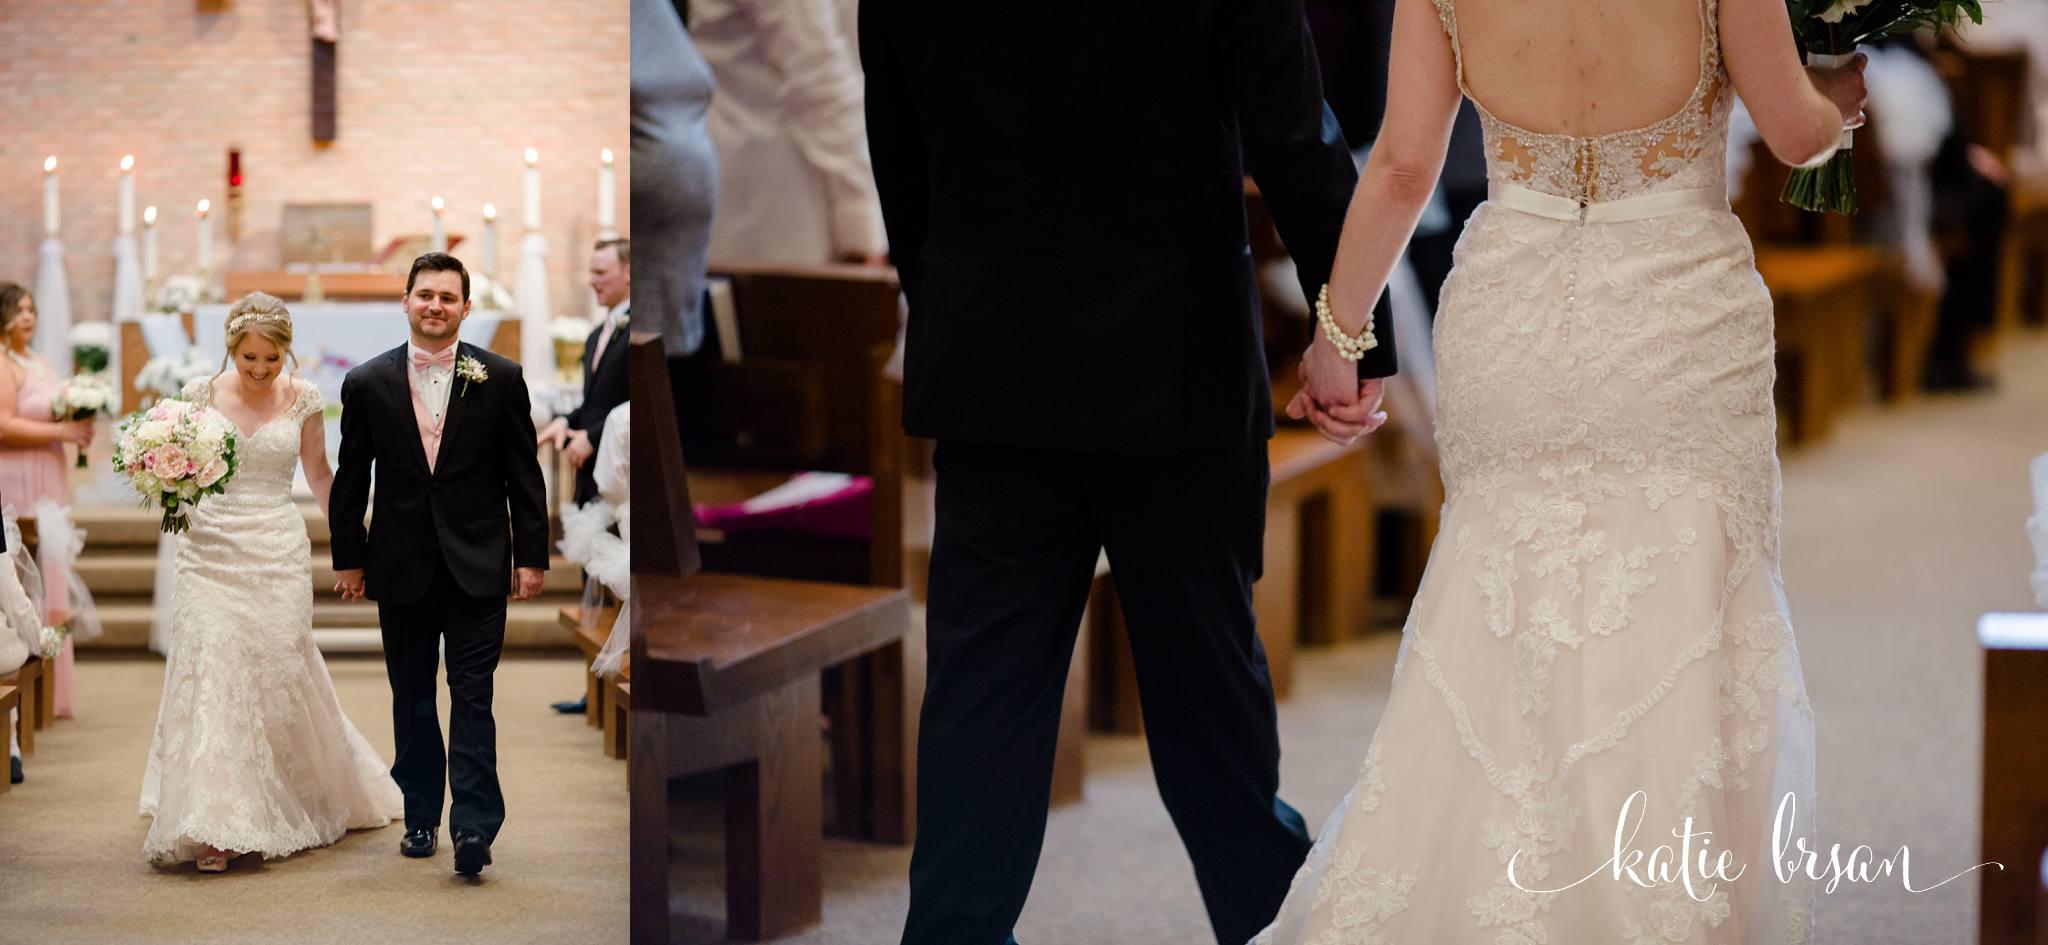 Mokena_Lemont_Wedding_Ruffled_Feathers_Wedding_1370.jpg